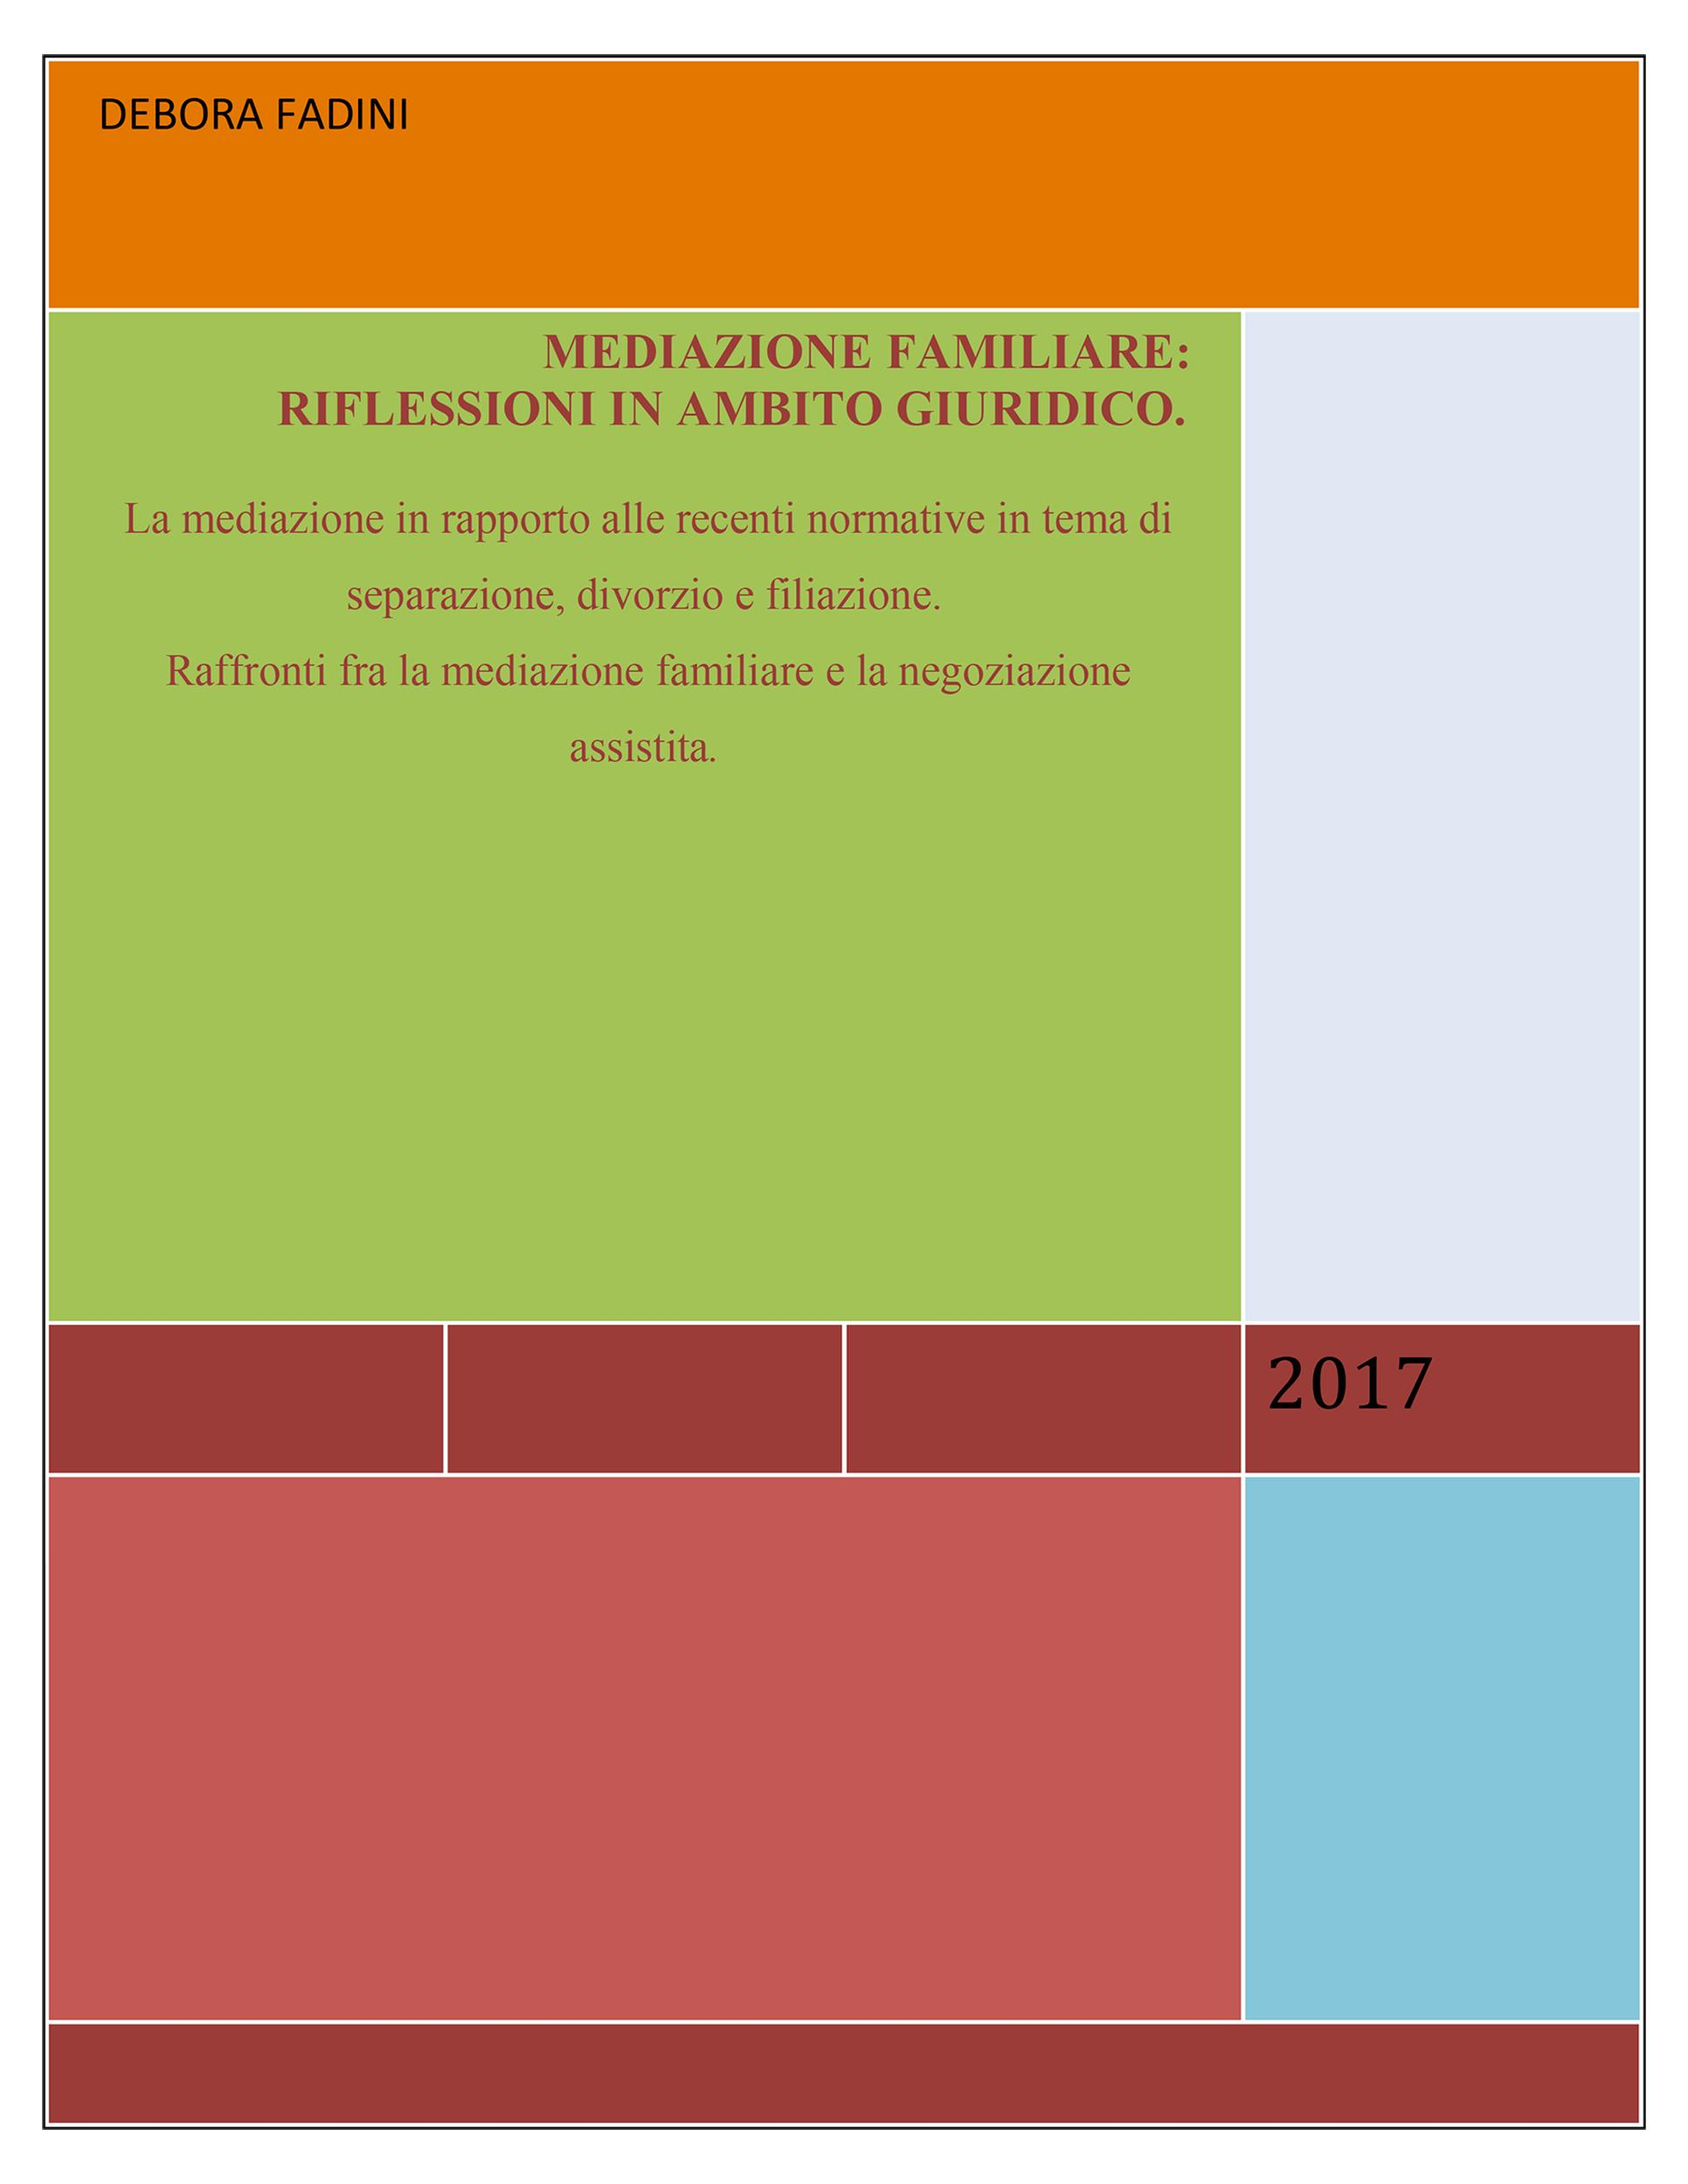 Mediazione familiare:  riflessioni in ambito giuridico. La mediazione in rapporto alle recenti normative in tema di separazione, divorzio e filiazione. Raffronti fra la mediazione familiare e la negoziazione assistita